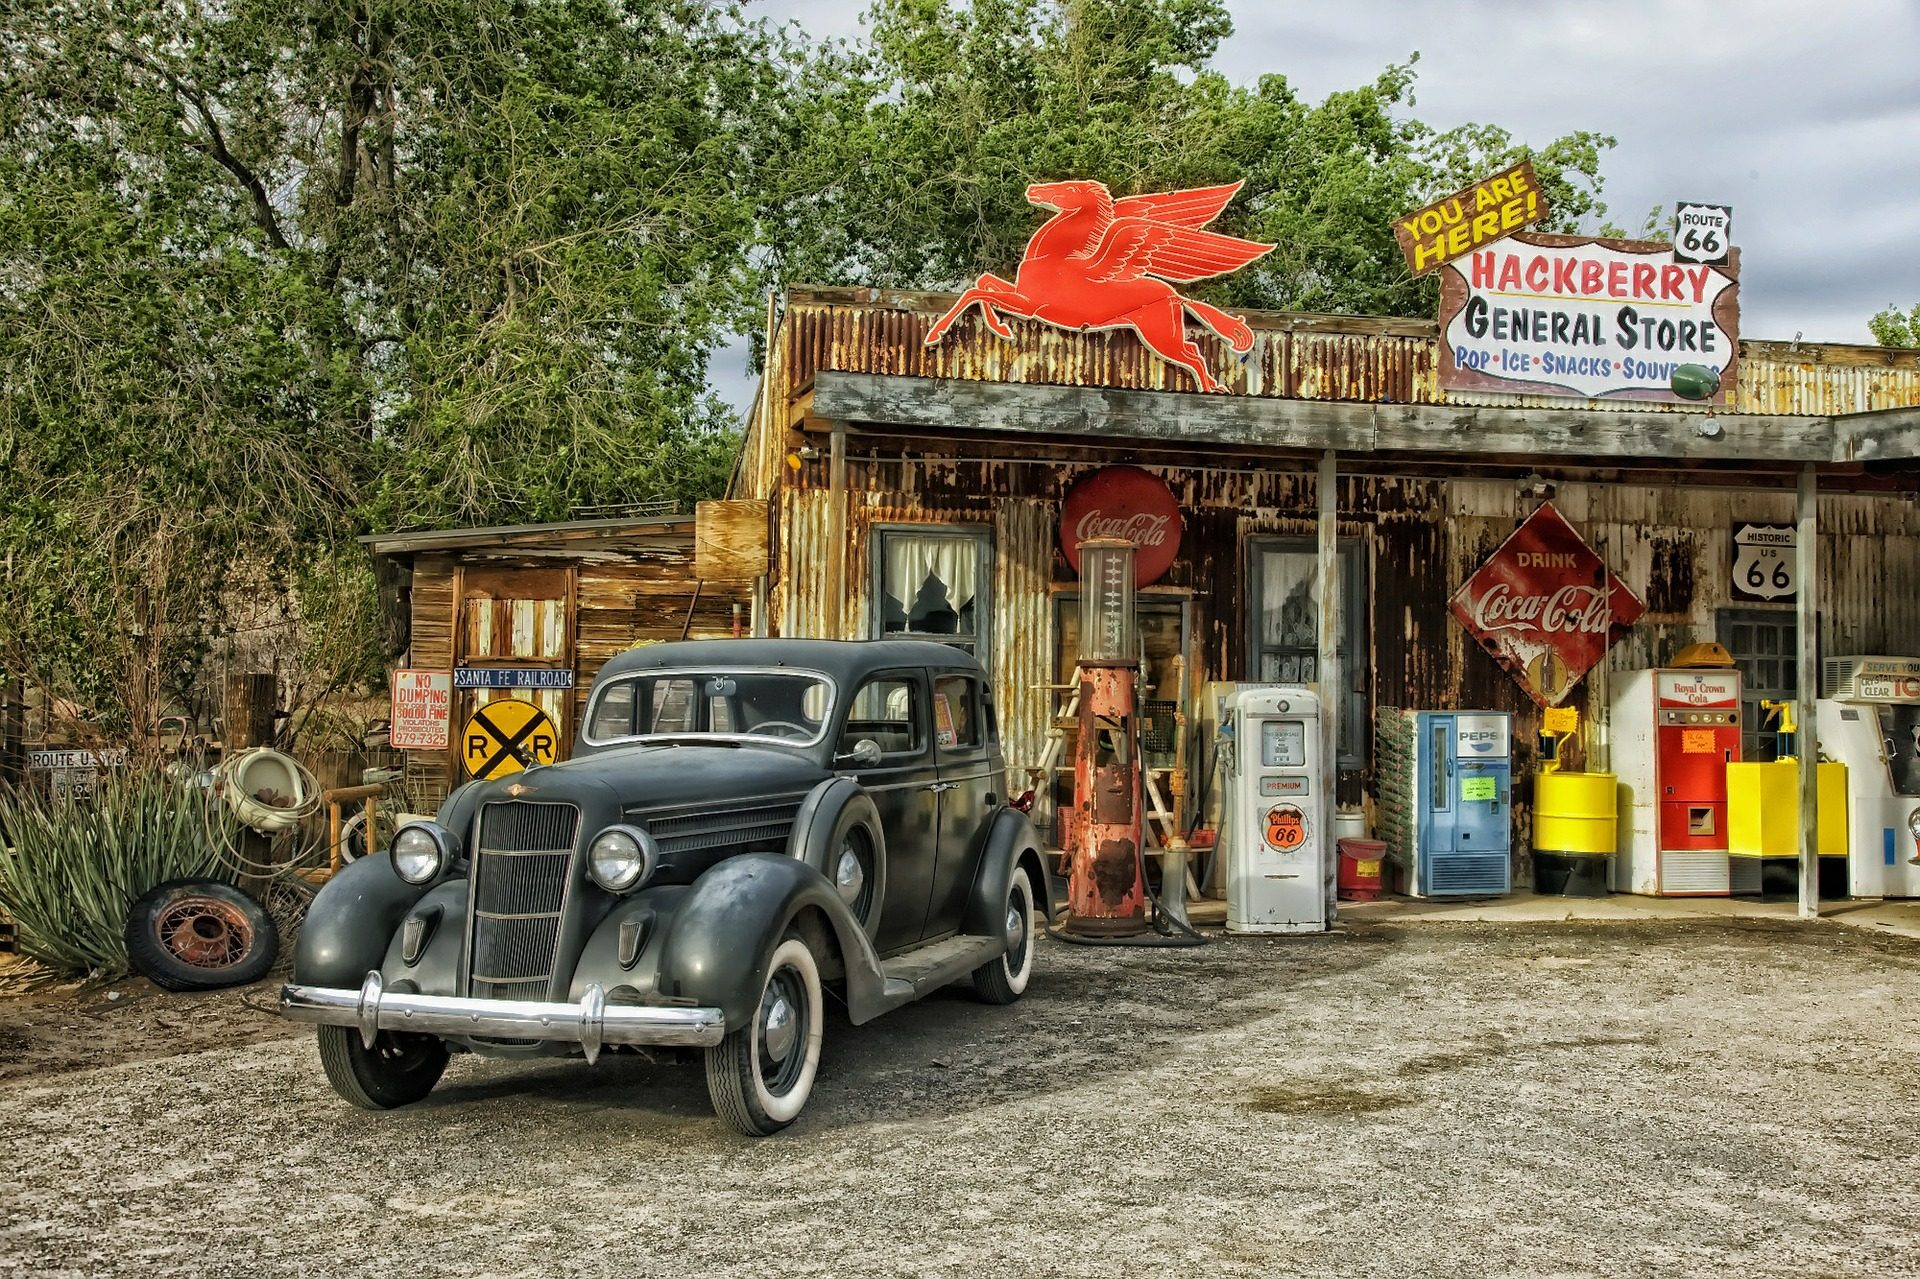 汽车, 老, 年份, 加油站, 亚利桑那州, 路线 66 - 高清壁纸 - 教授-falken.com